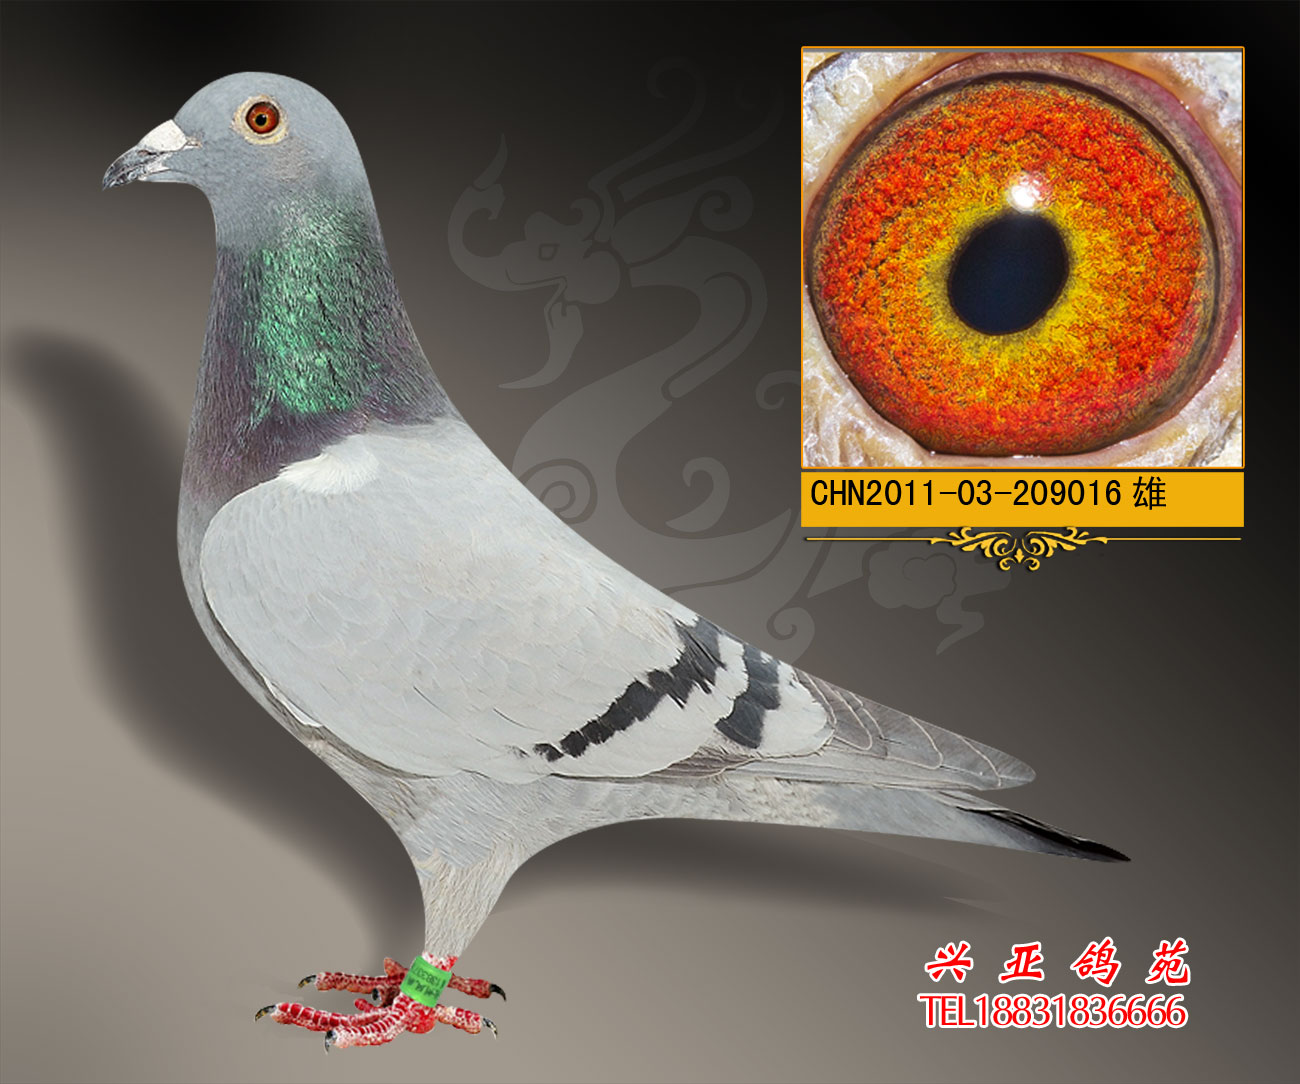 泰山号近亲_河北兴亚鸽苑_ ag188.com爱鸽商